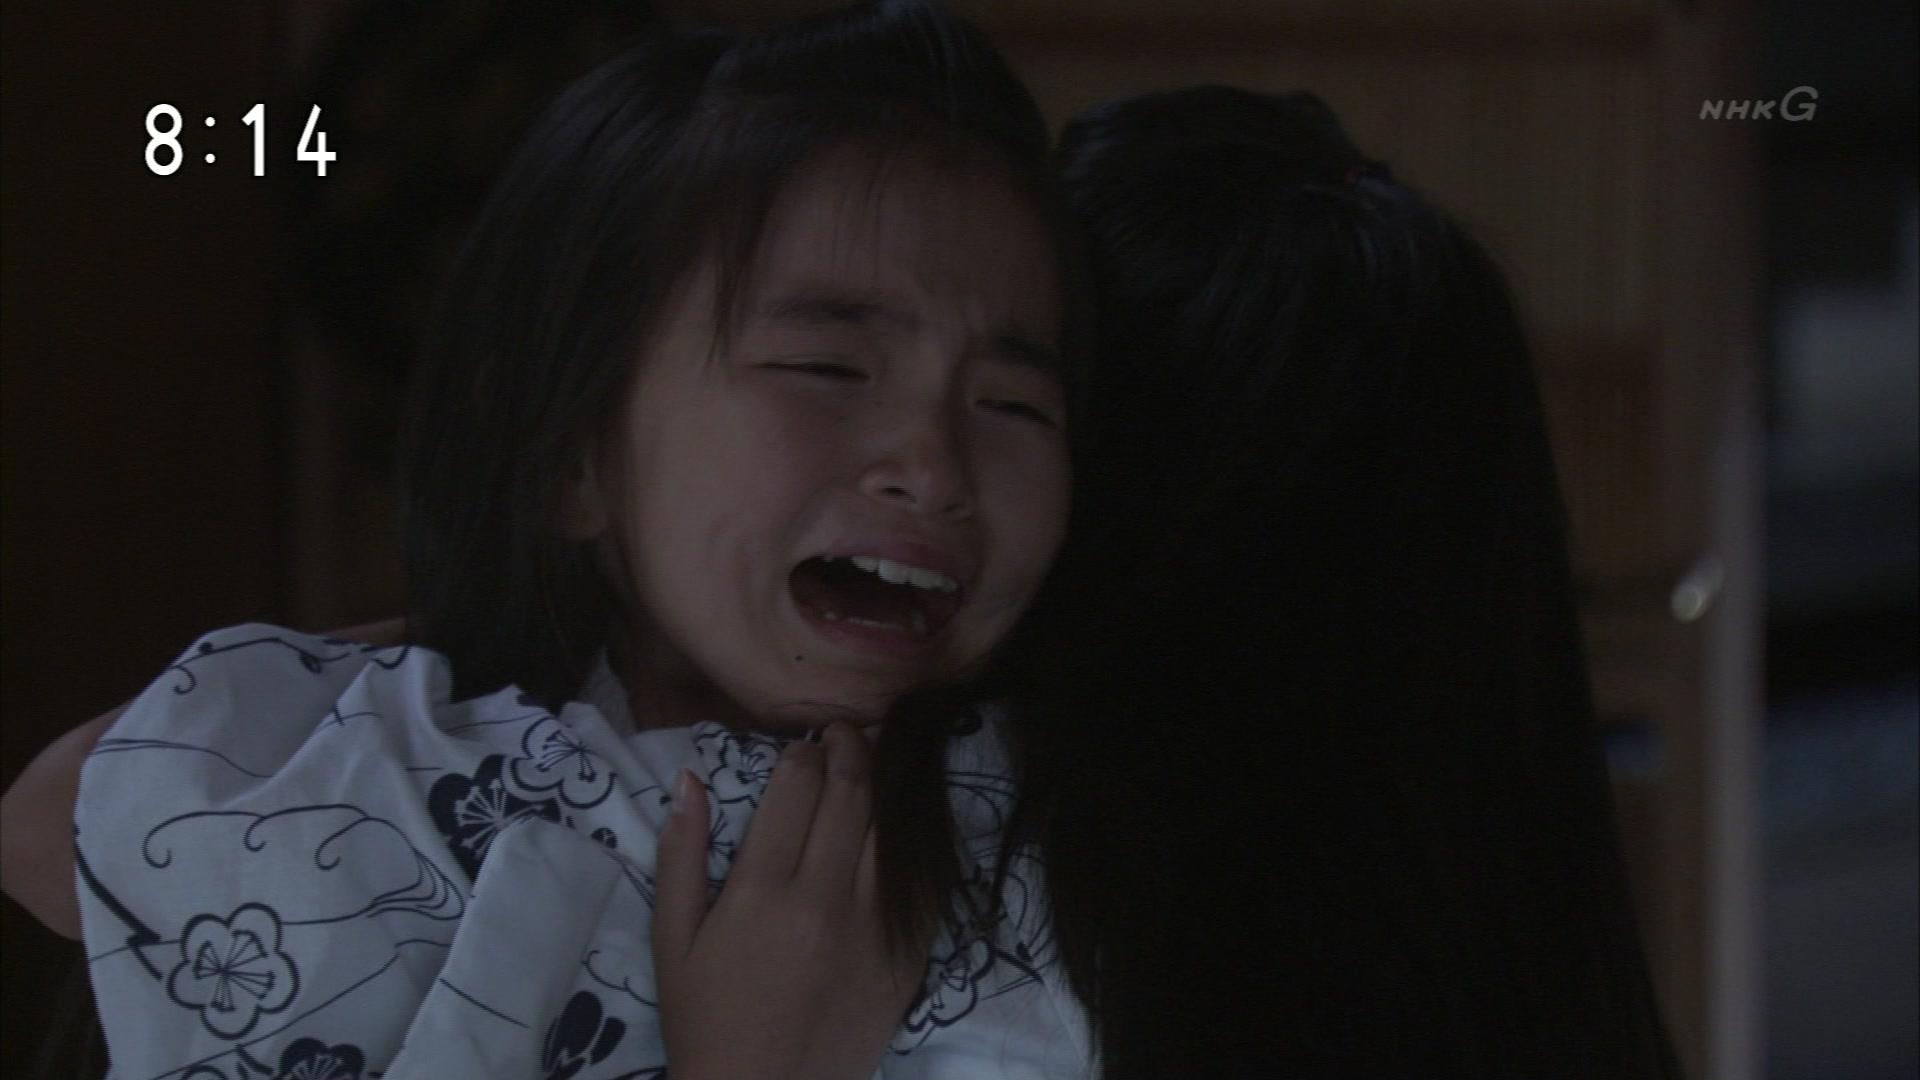 2015-10-01 08:00 連続テレビ小説 あさが来た(4)「小さな許嫁(いいなずけ)」 2644